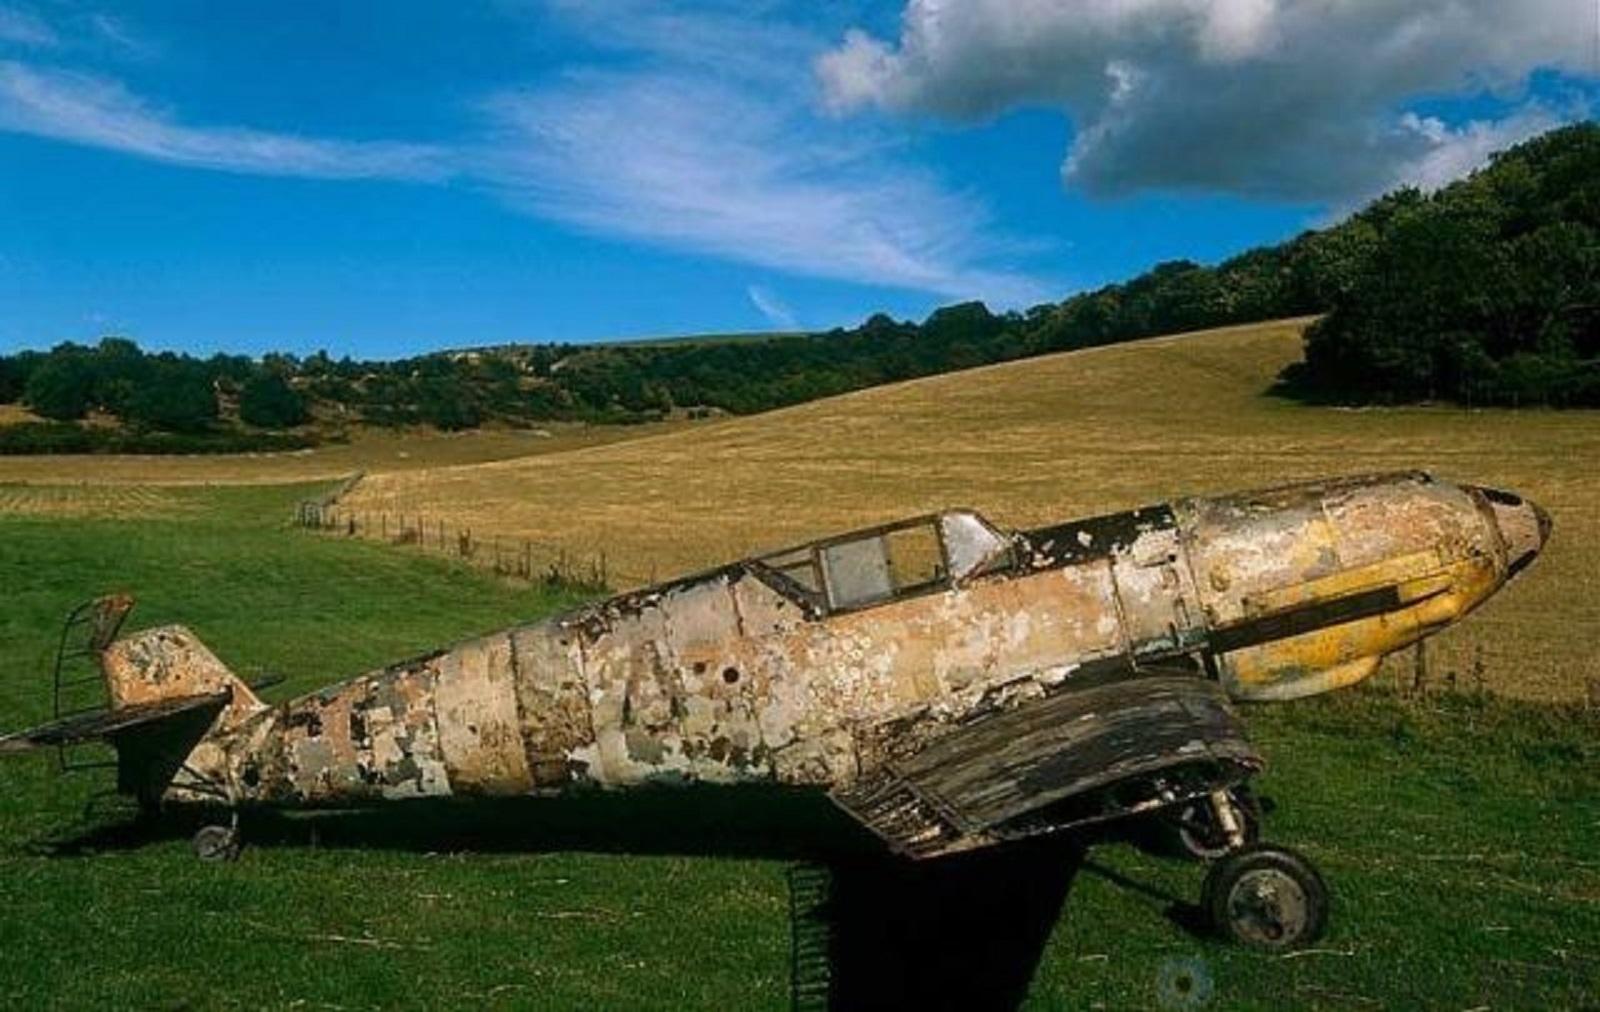 Найденные разбившиеся самолеты второй мировой войны.